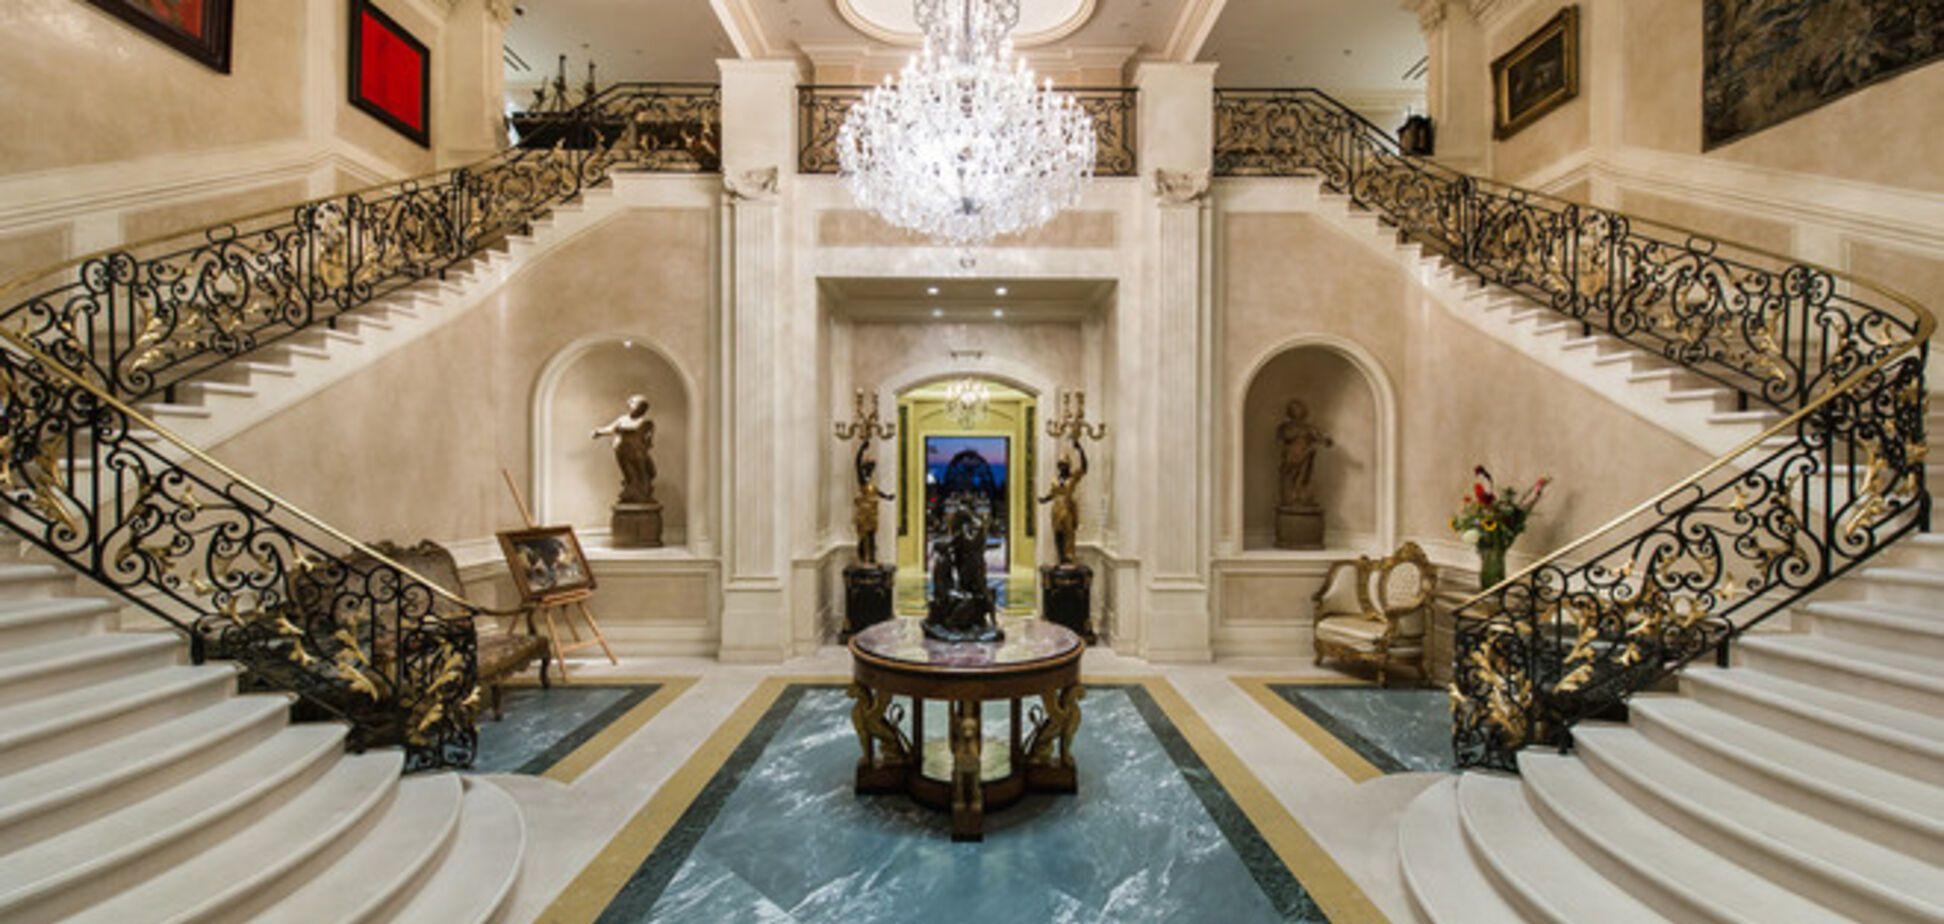 Неймовірний 'Палац кохання' виставлено на продаж за рекордною ціною